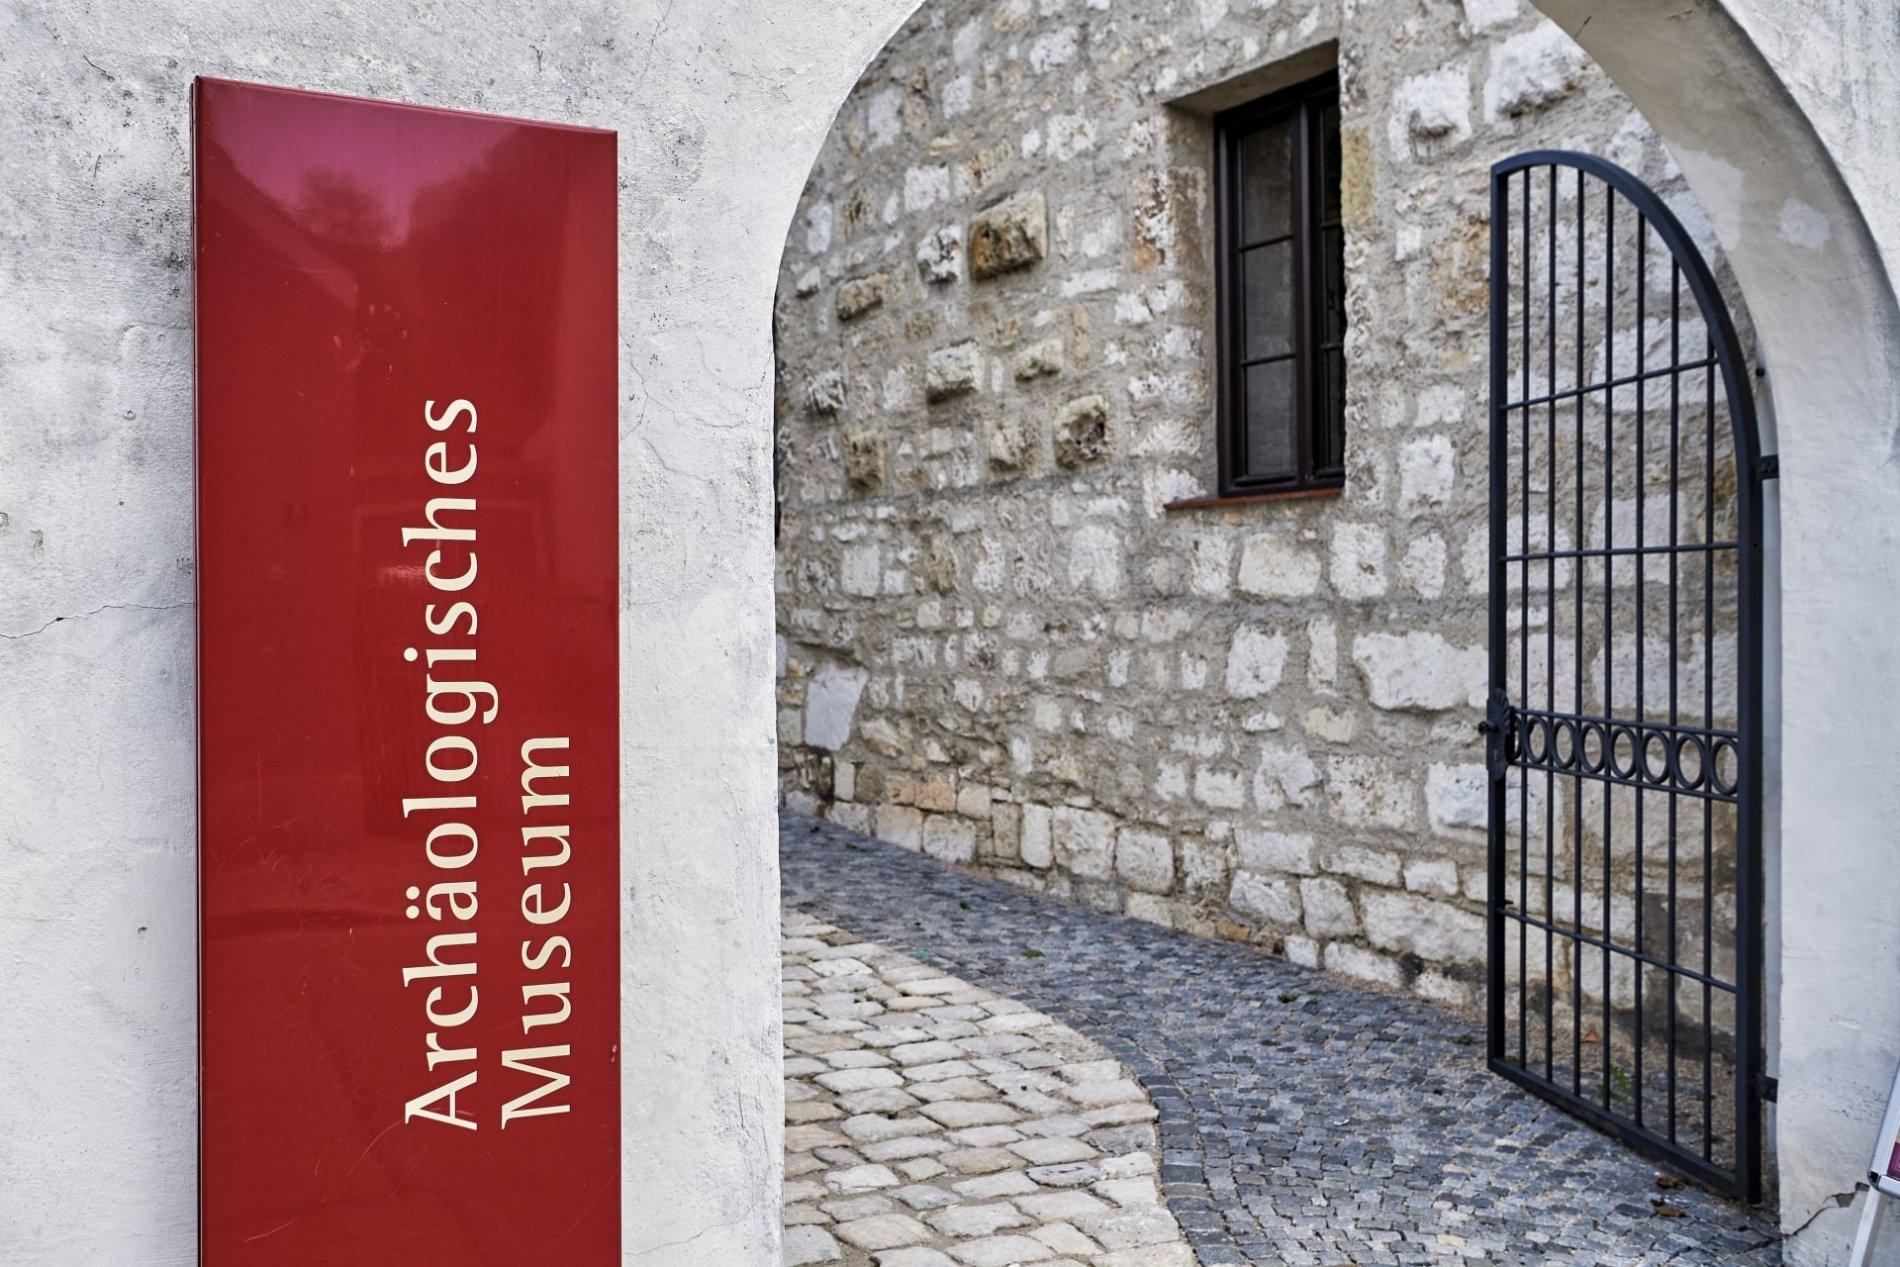 Eingangstor zum Archäologischen Museum in Kelheim